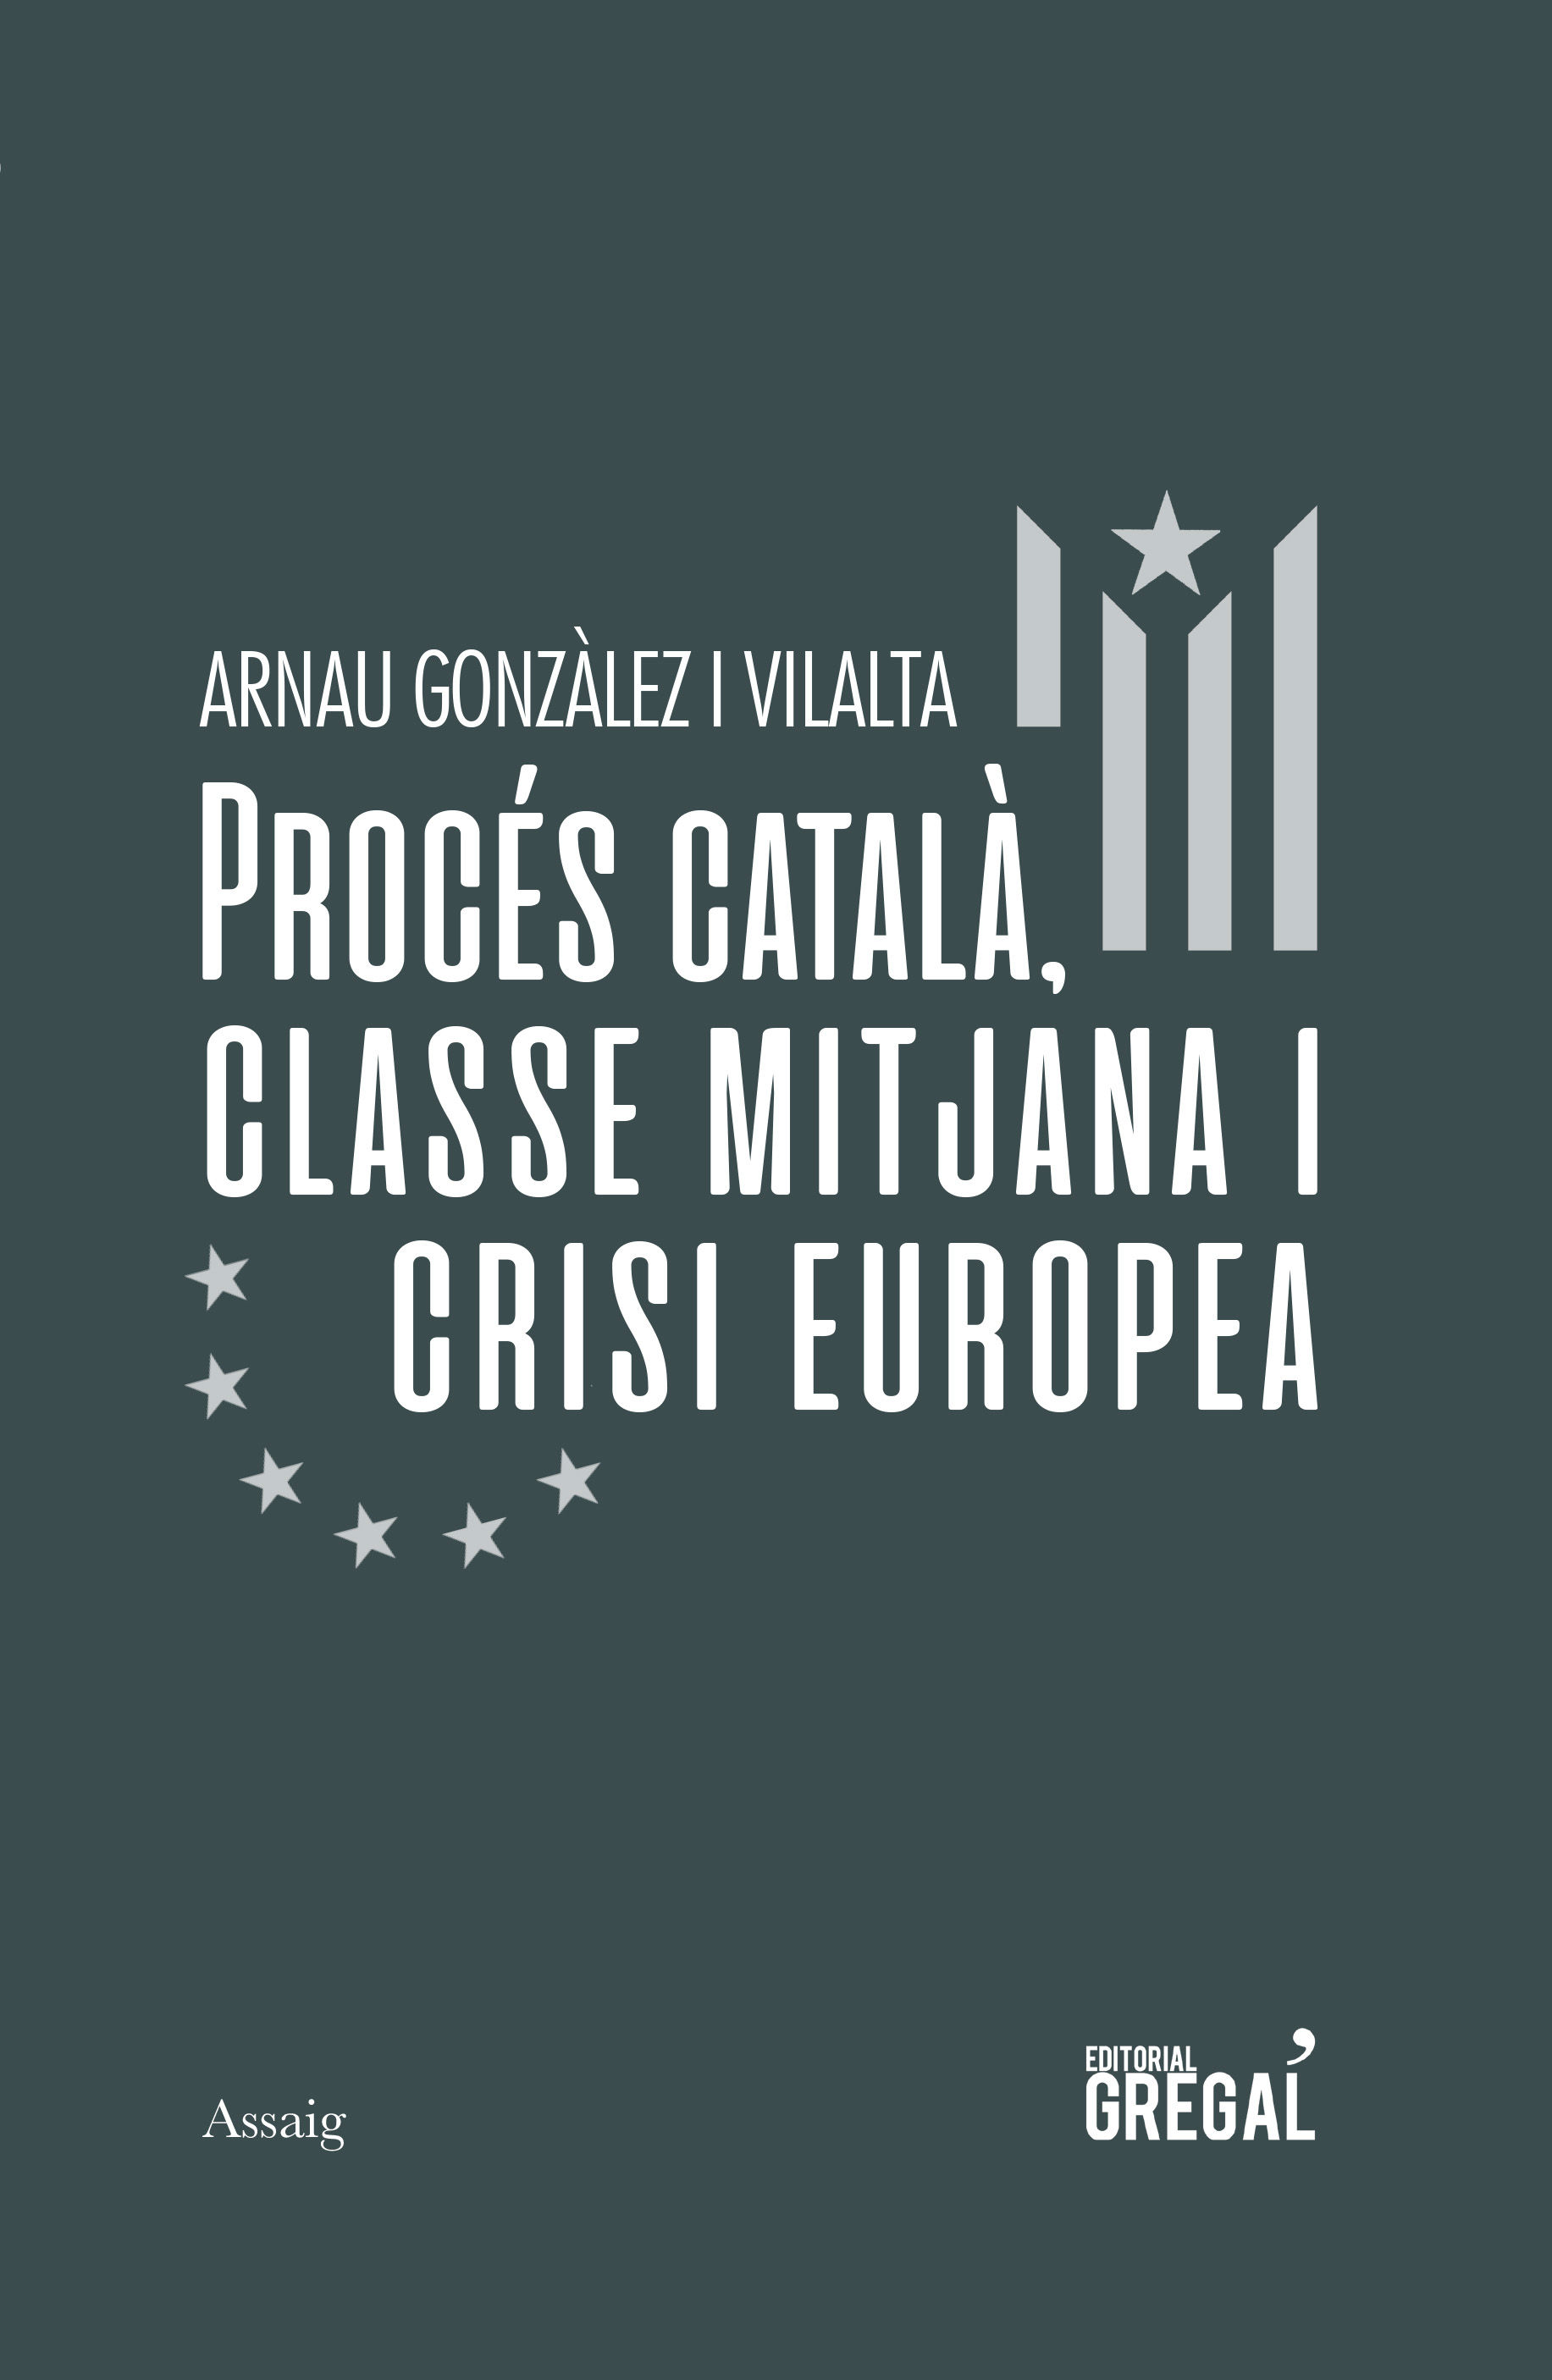 PROCES CATALA CLASSE MITJANA CRISI EUROPEA